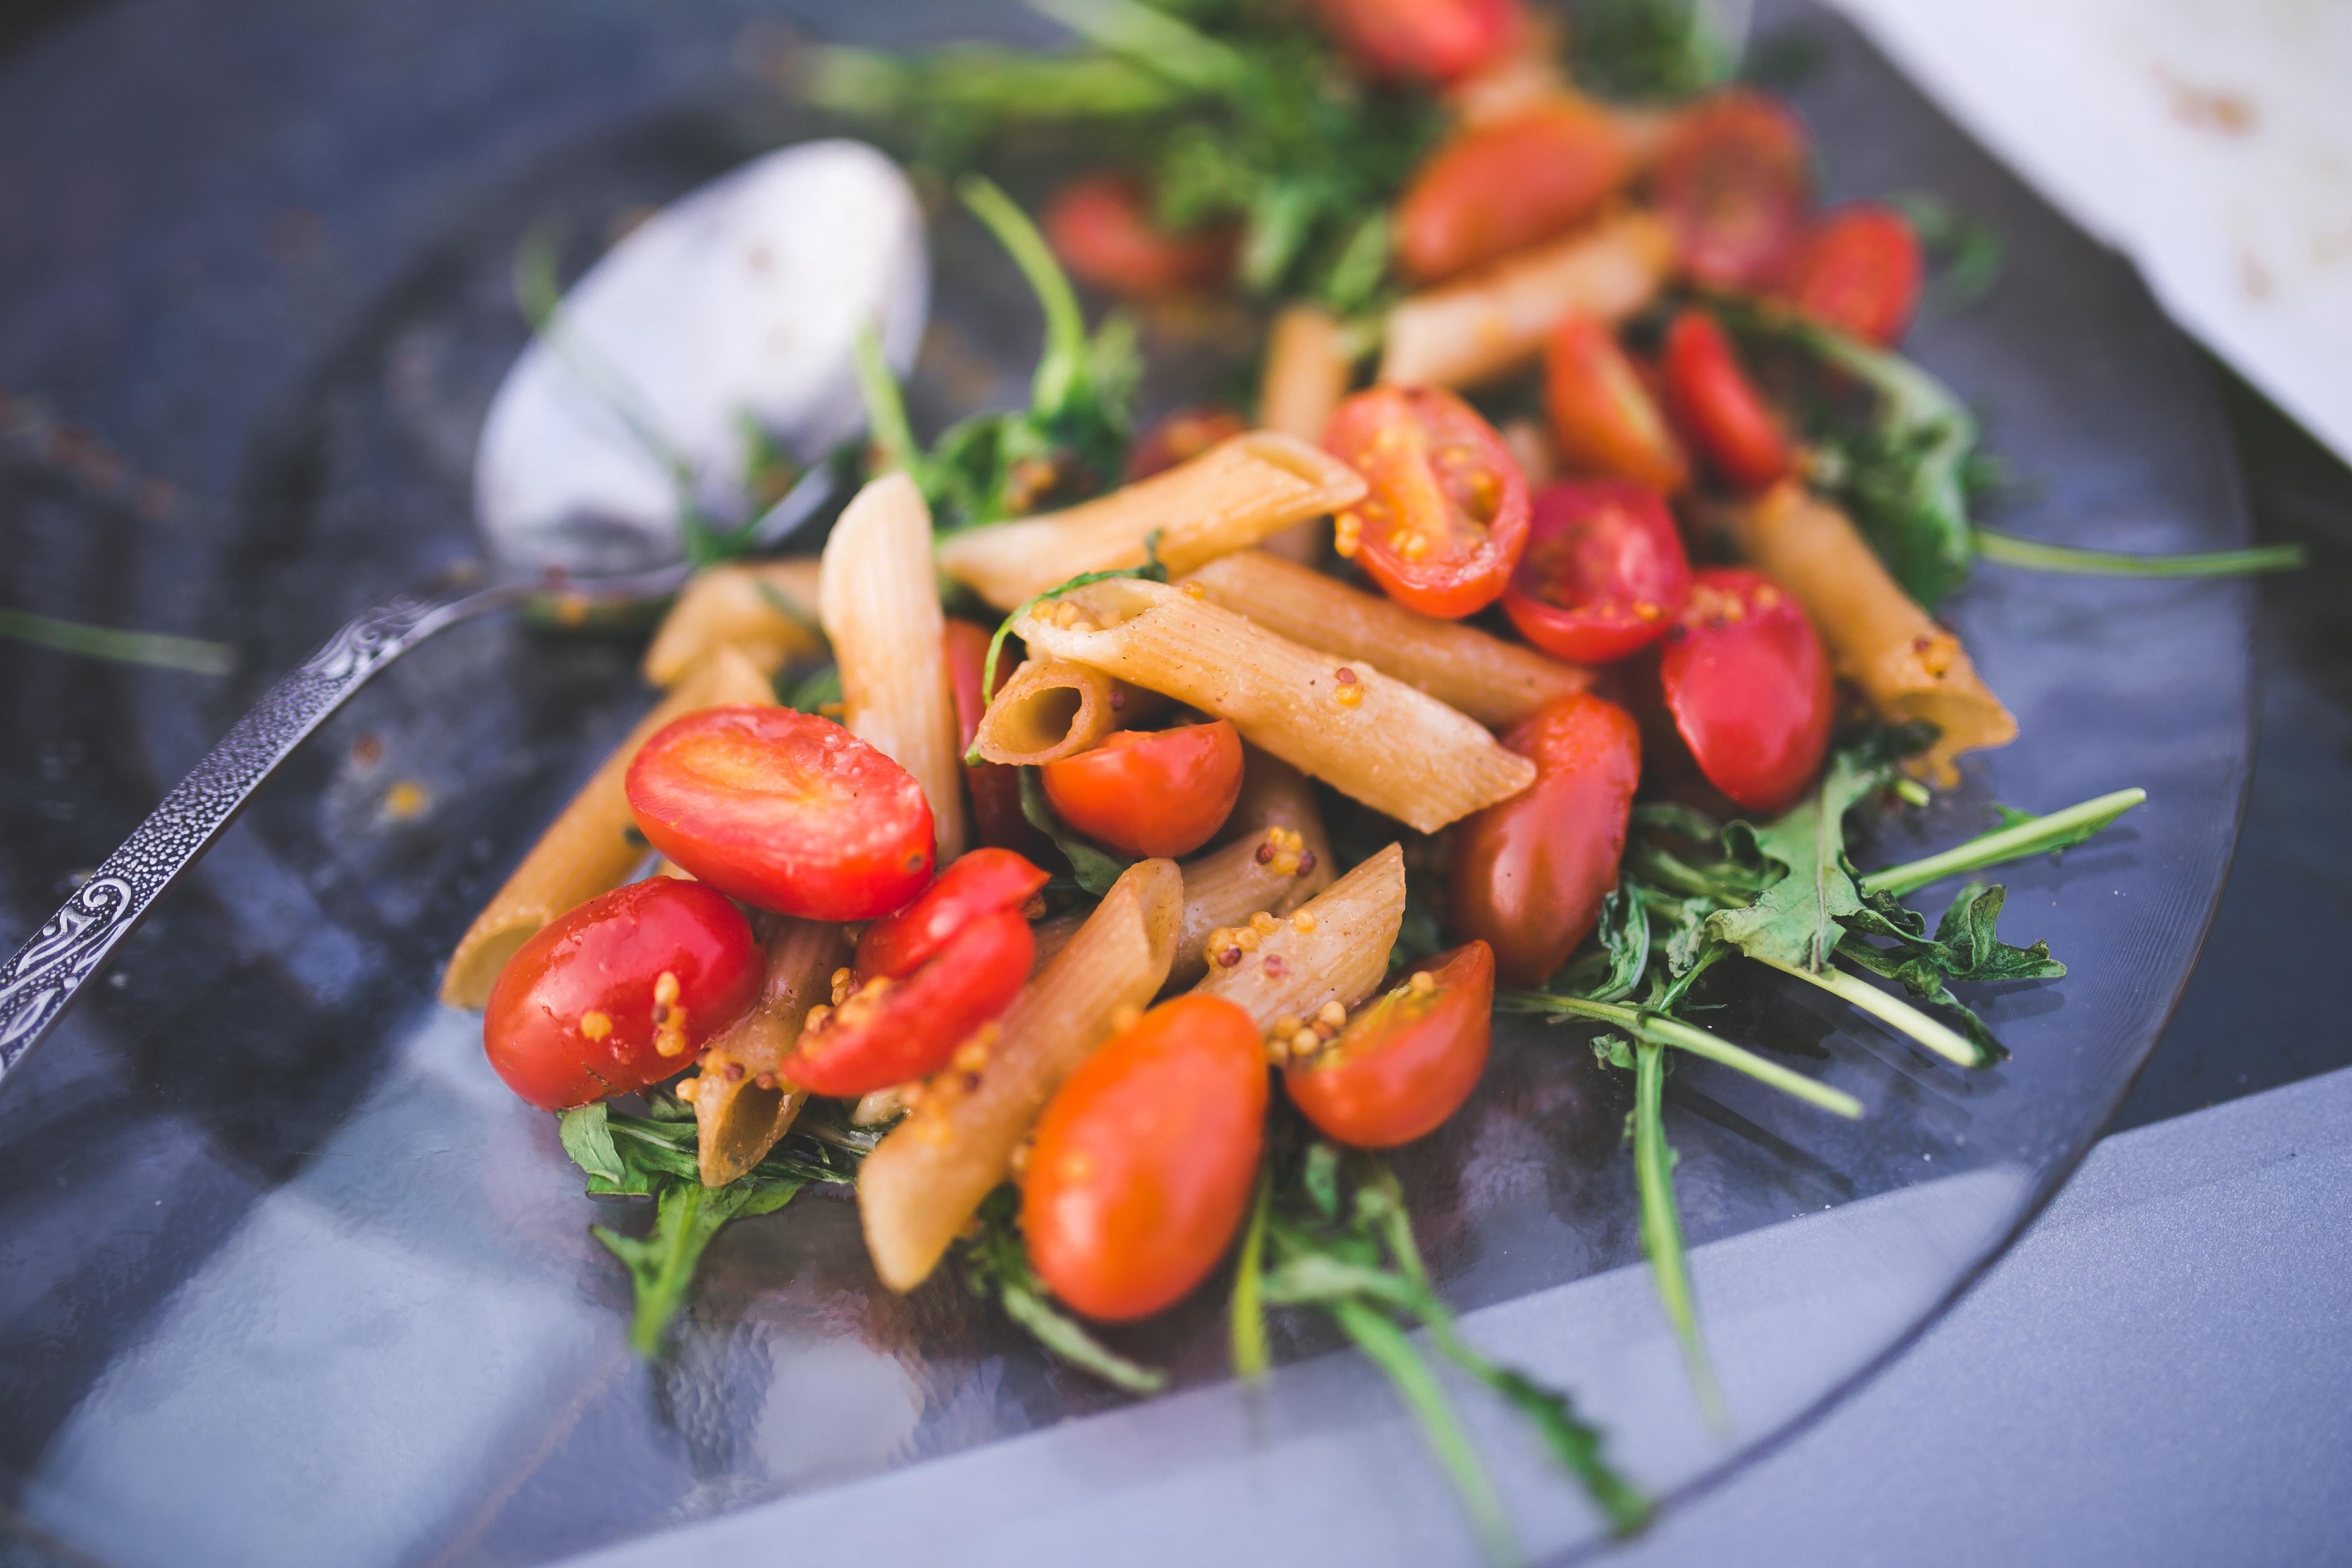 delicious dinner food 6461 - Die Besten Rezepte zum Muskelaufbau und Abnehmen